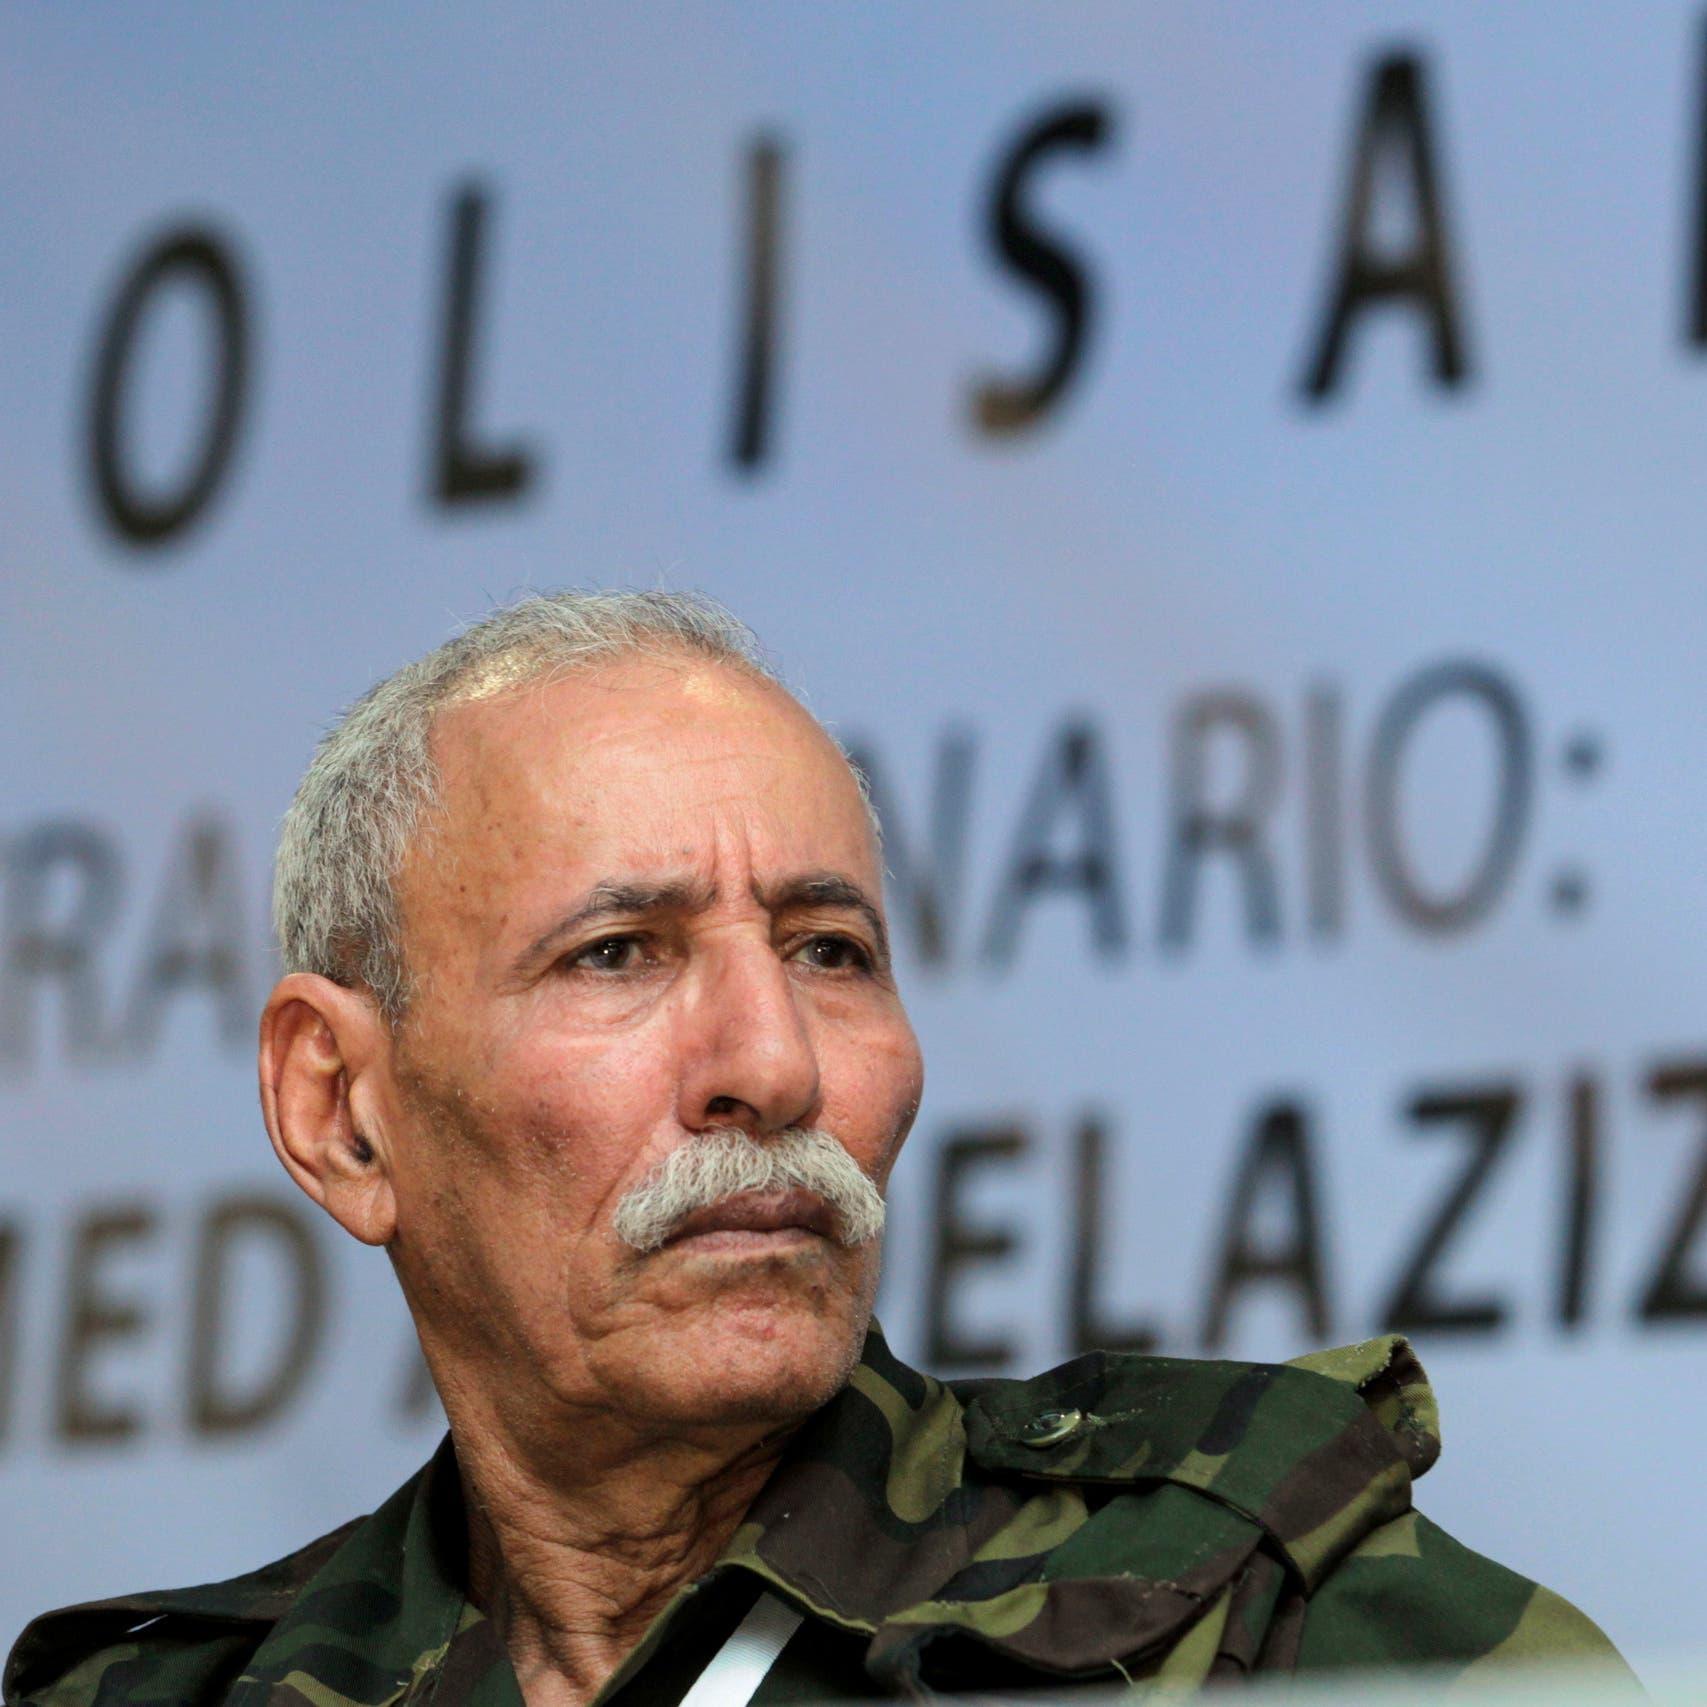 المغرب يهدد بتجميد العلاقات مع إسبانيا بسبب زعيم البوليساريو